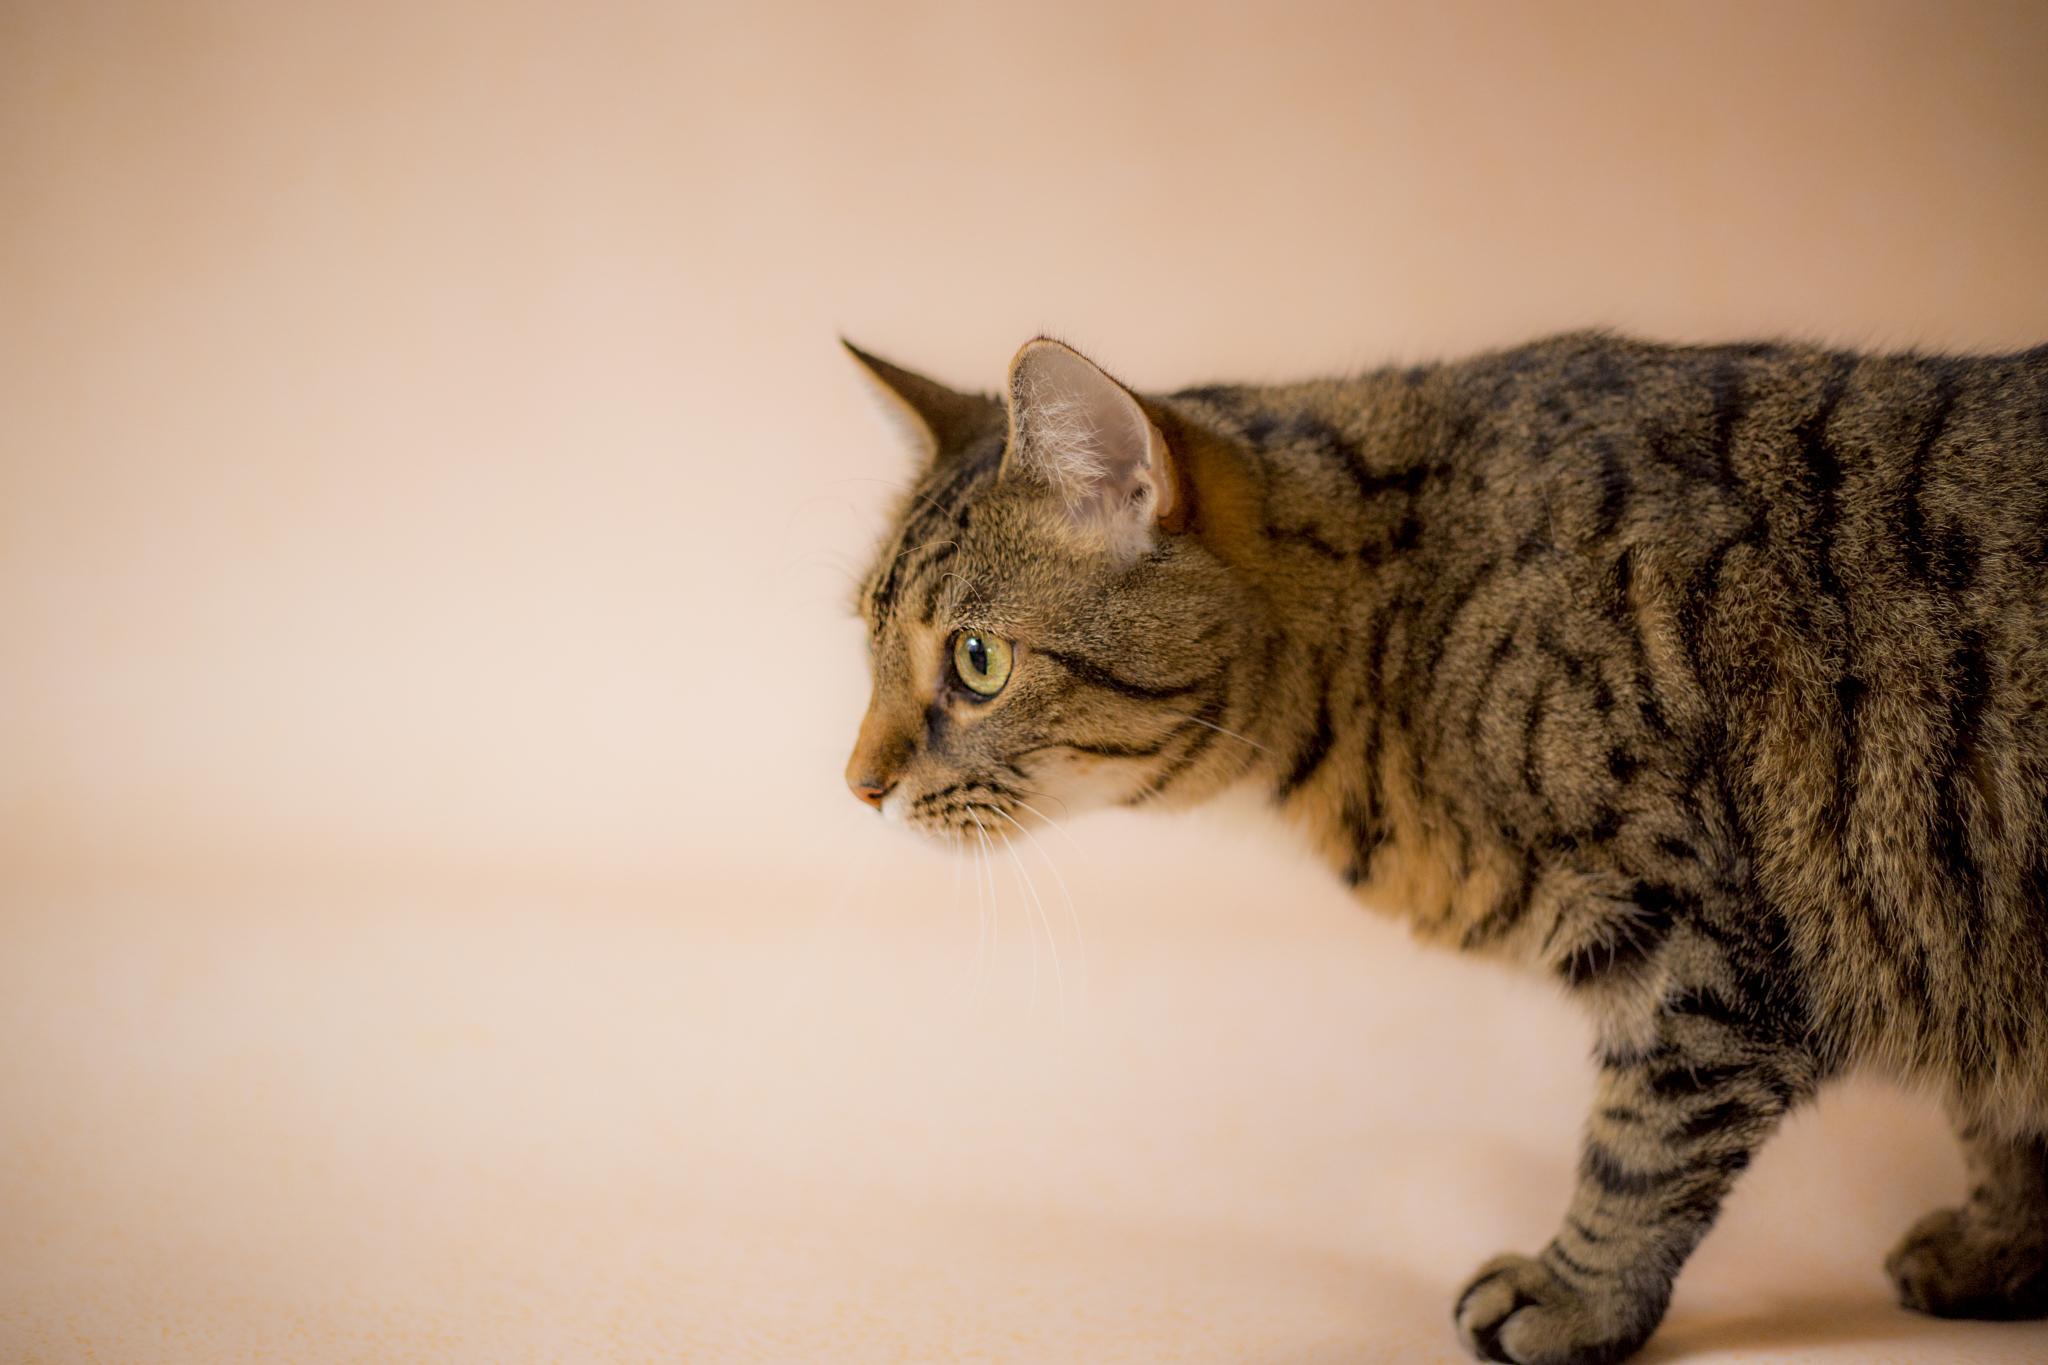 cat by Joanna Clark